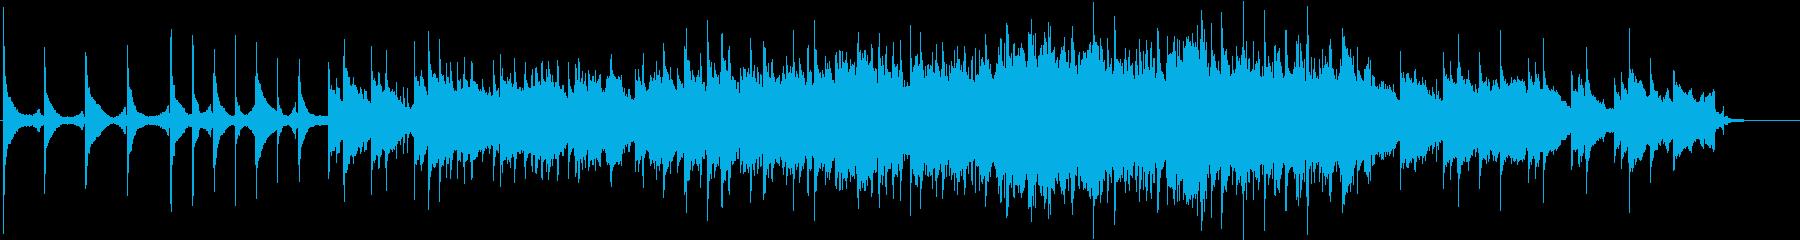 ピアノの旋律とストリングスのバラードの再生済みの波形